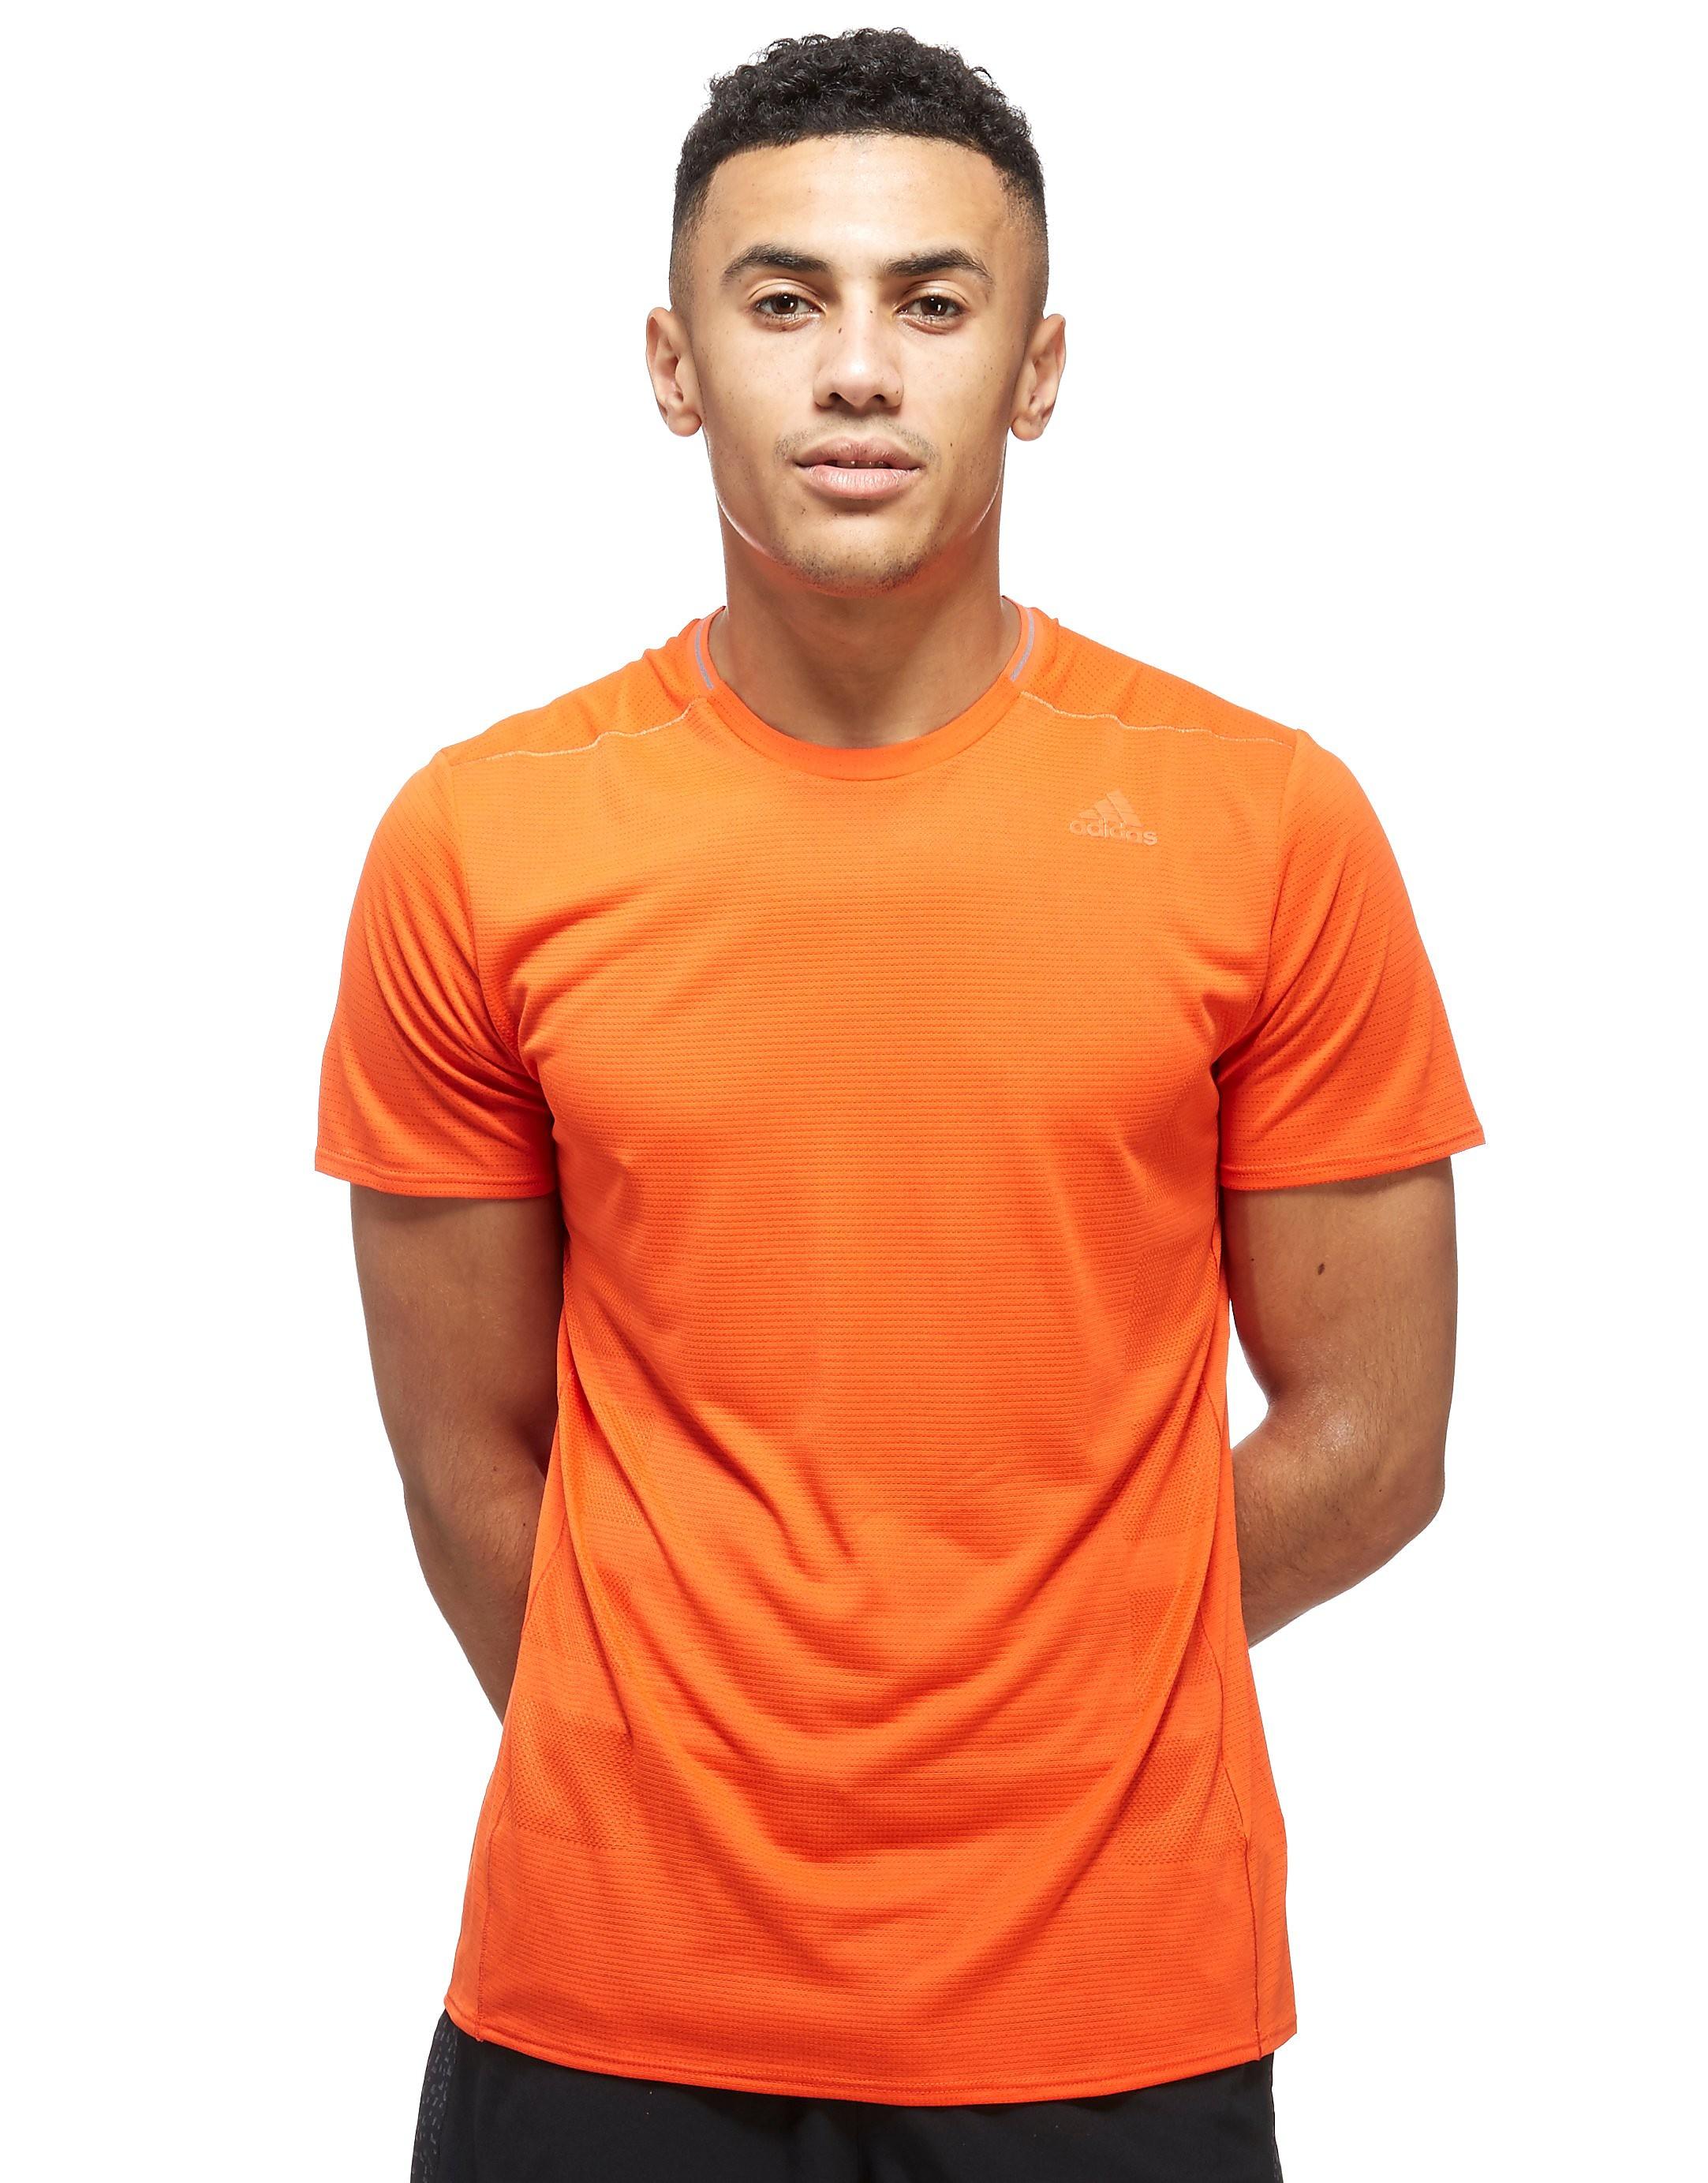 adidas T-shirt Super Nova